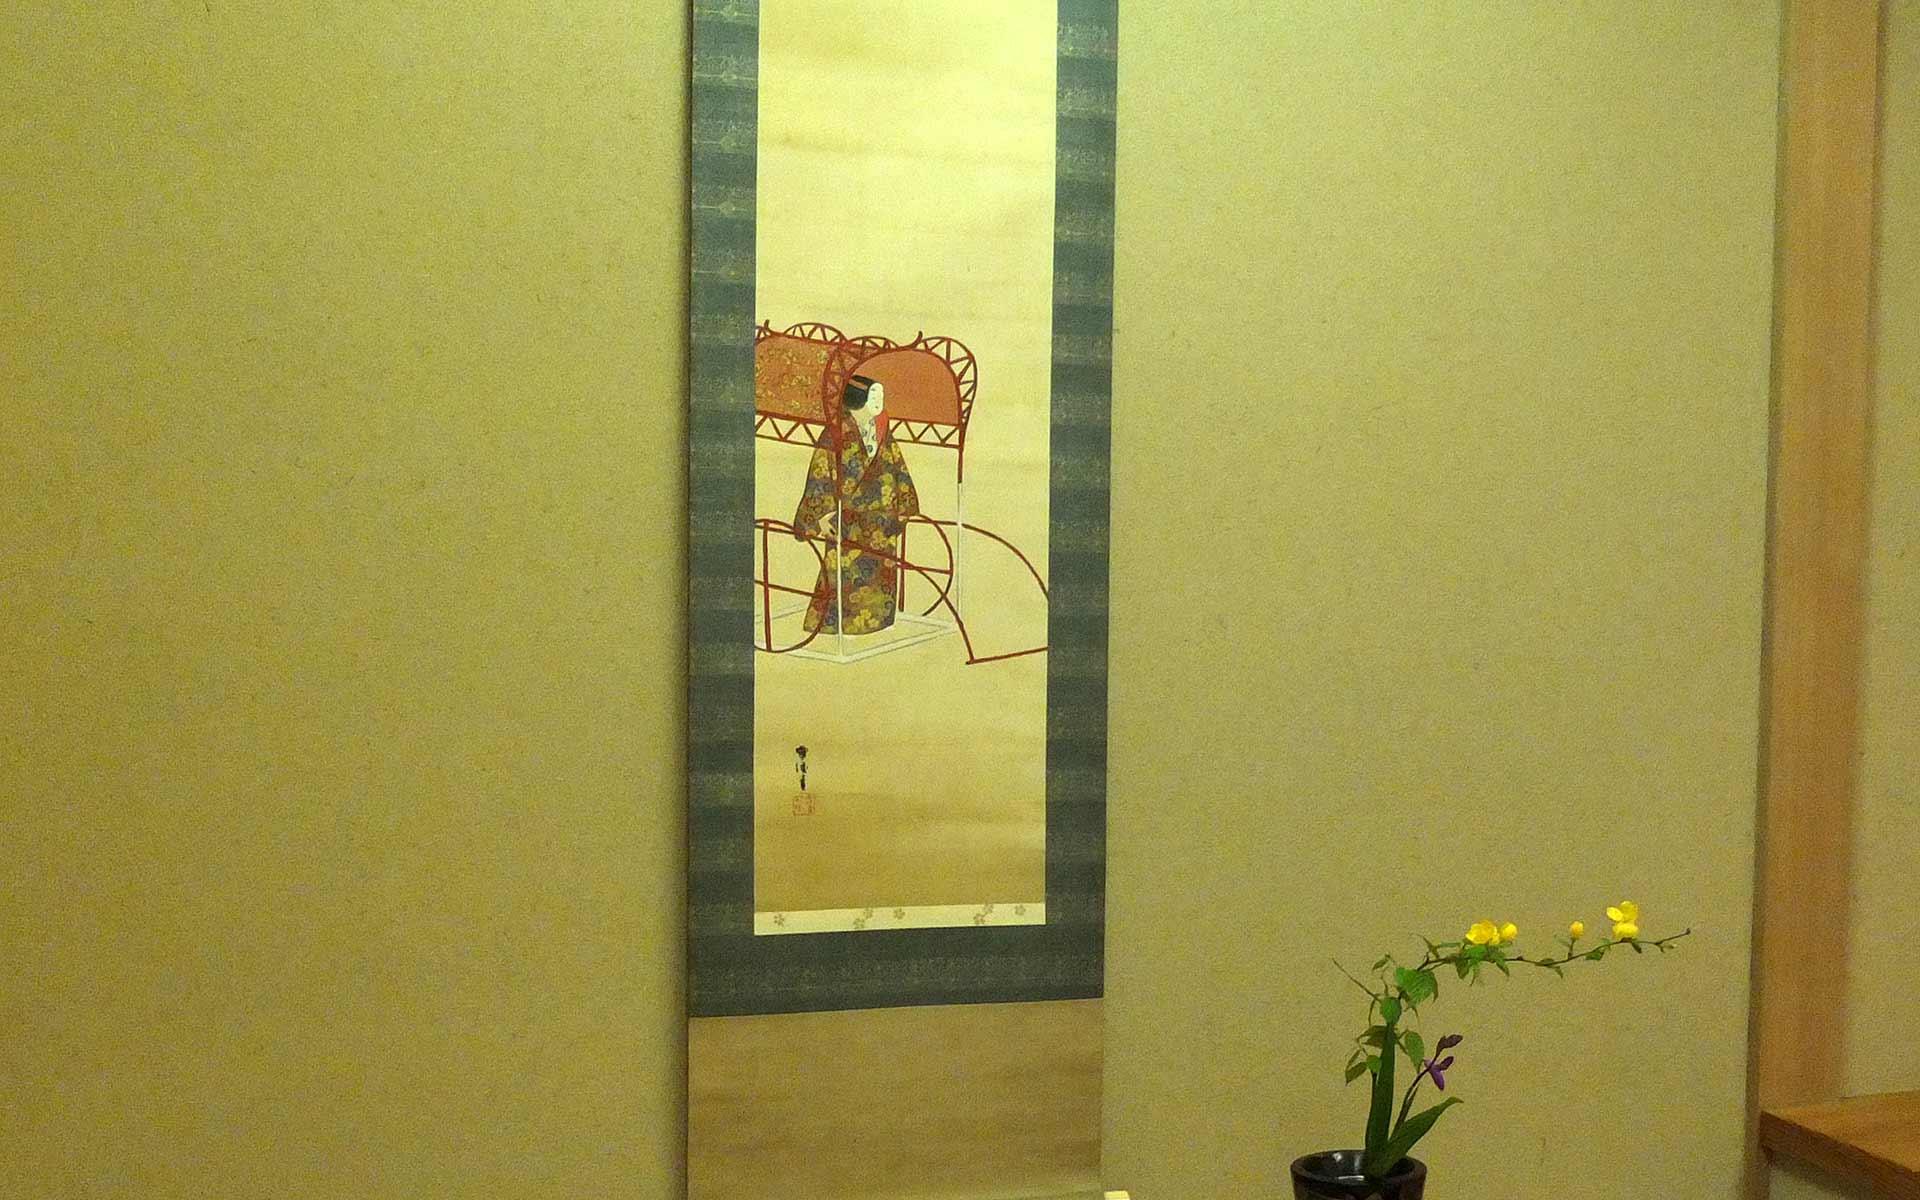 4月の床の間には、お能の演目「熊野(ゆや)」の中の、京都・八坂神社へお花見へ向かうシーンを描いた掛け軸が